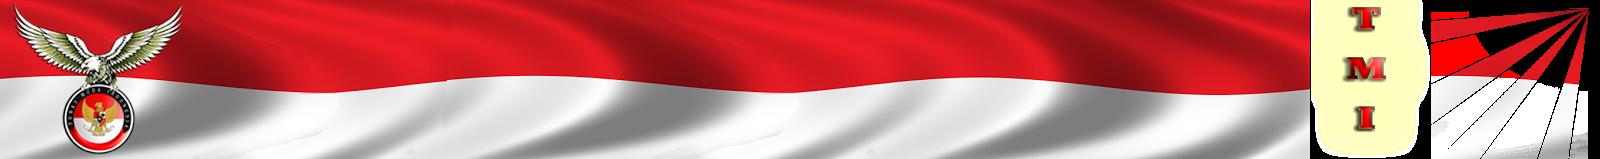 Komunitas Tunas Muda Indonesia